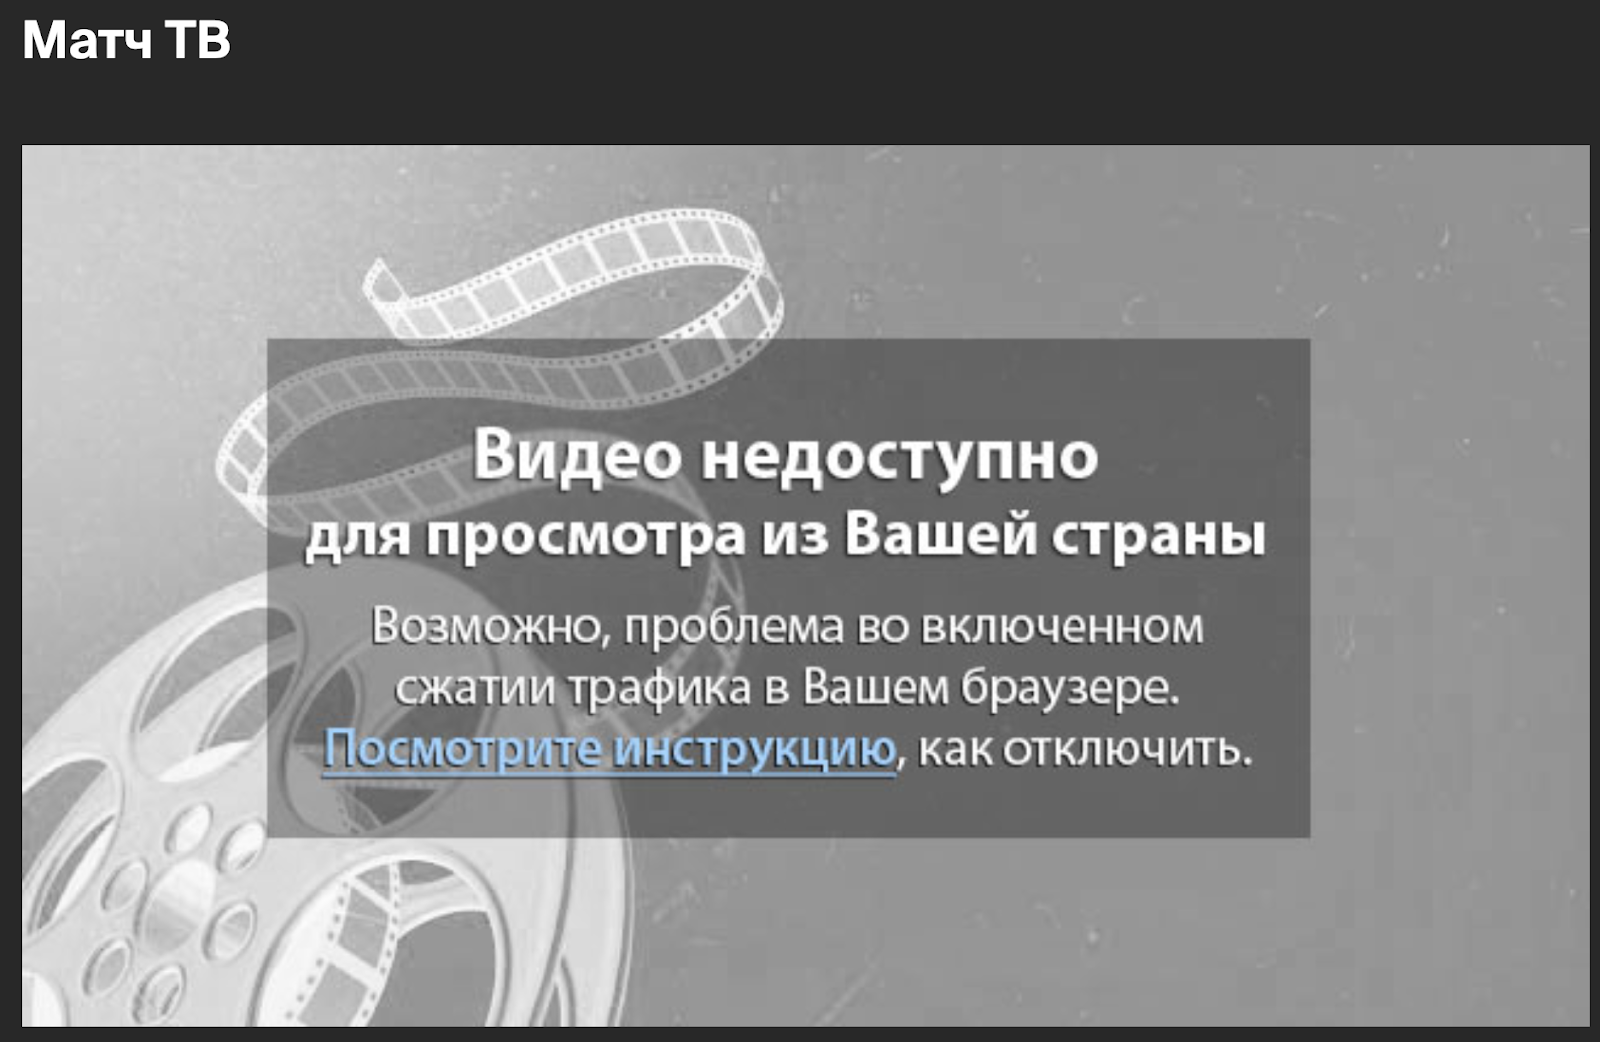 This content is not available in your country: новости, которые вы не сможете узнать из России - 16